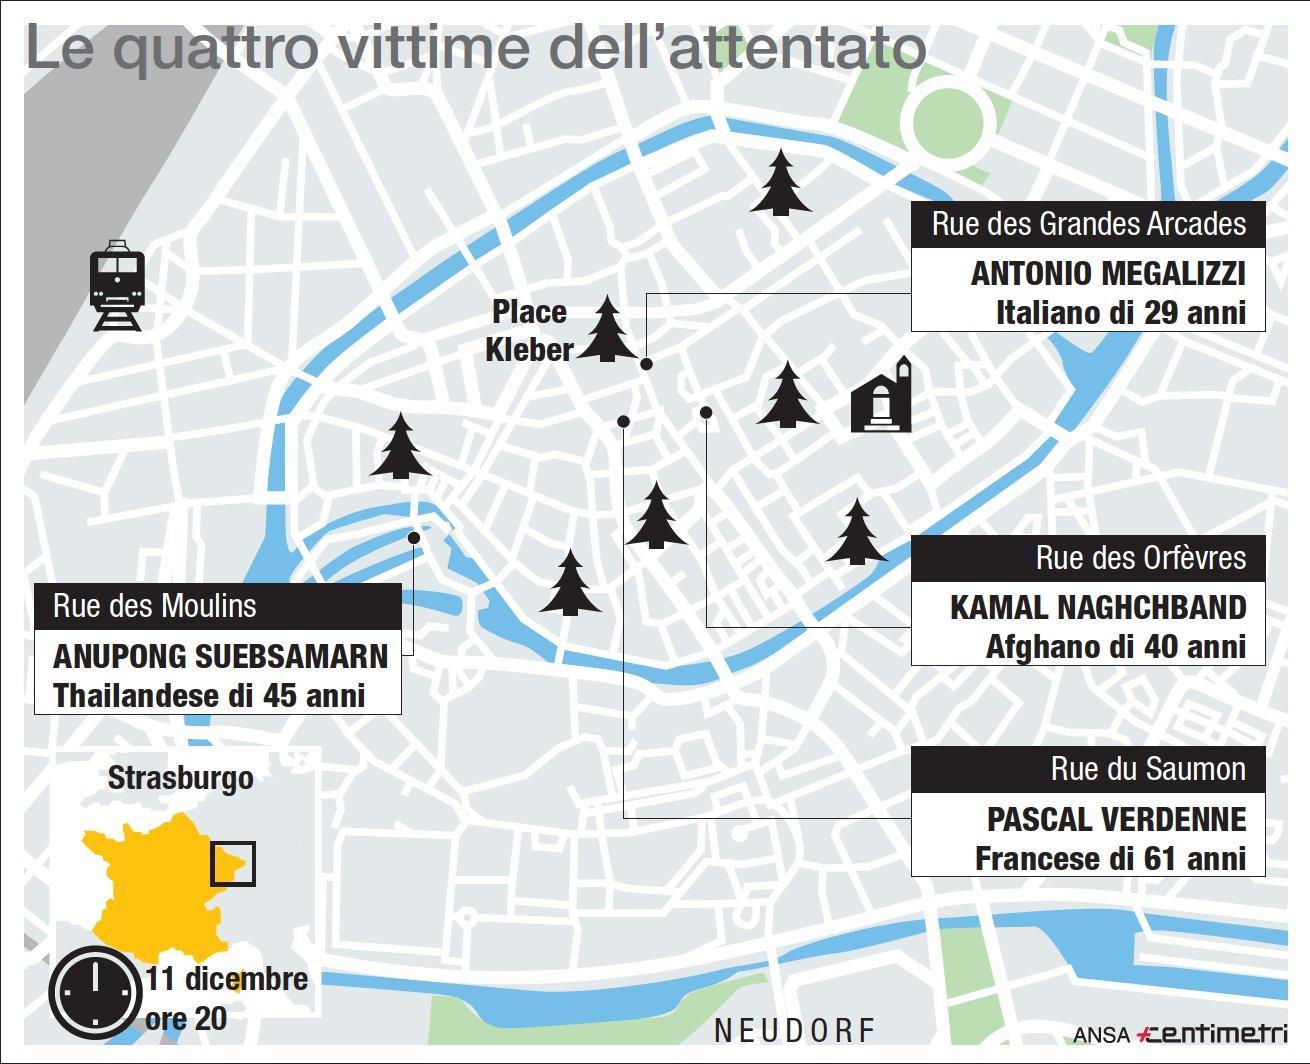 Strasburgo, le quattro vittime dell attentato